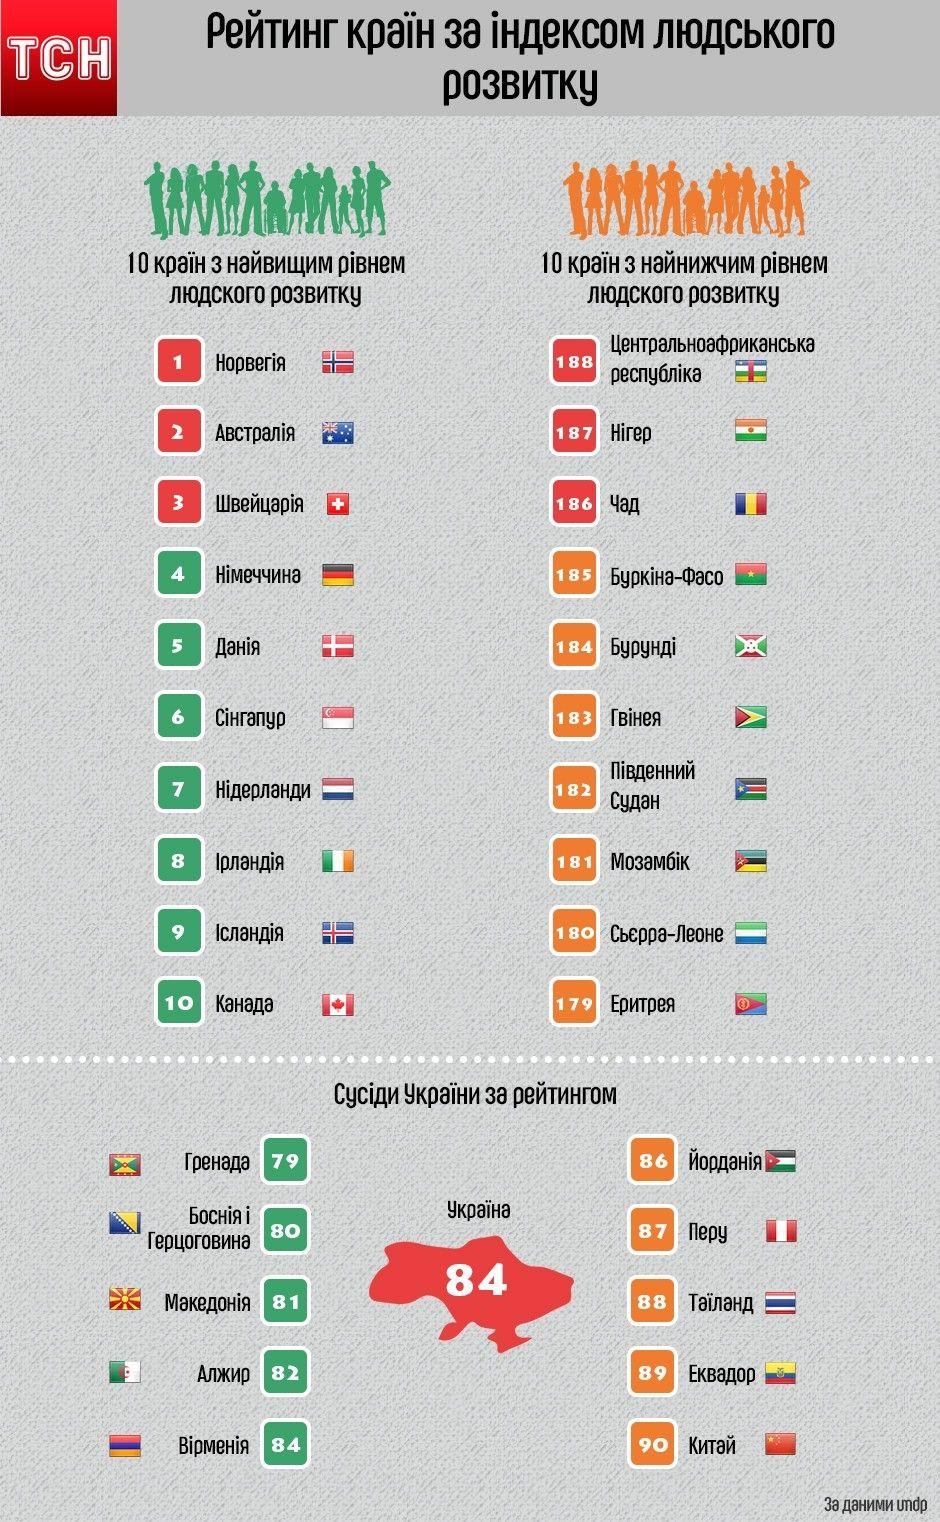 Рейтинг країн за індексом людського розвитку ООН. Інфографіка